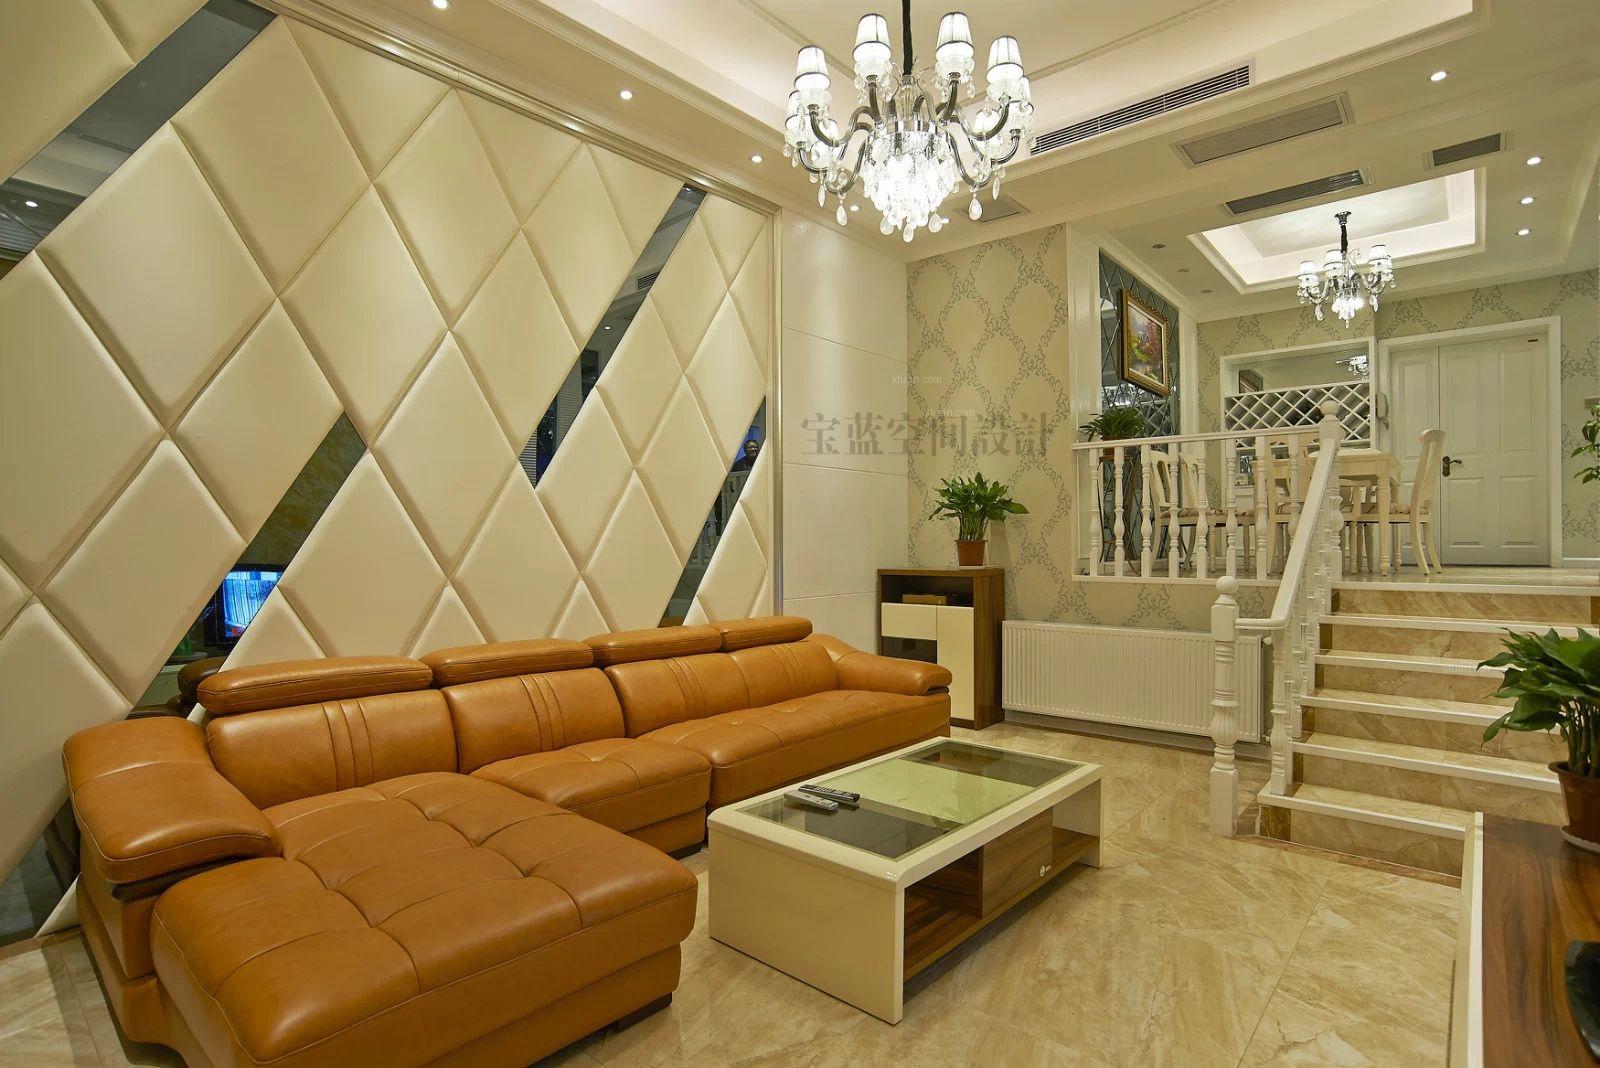 三居室欧式风格客厅照片墙